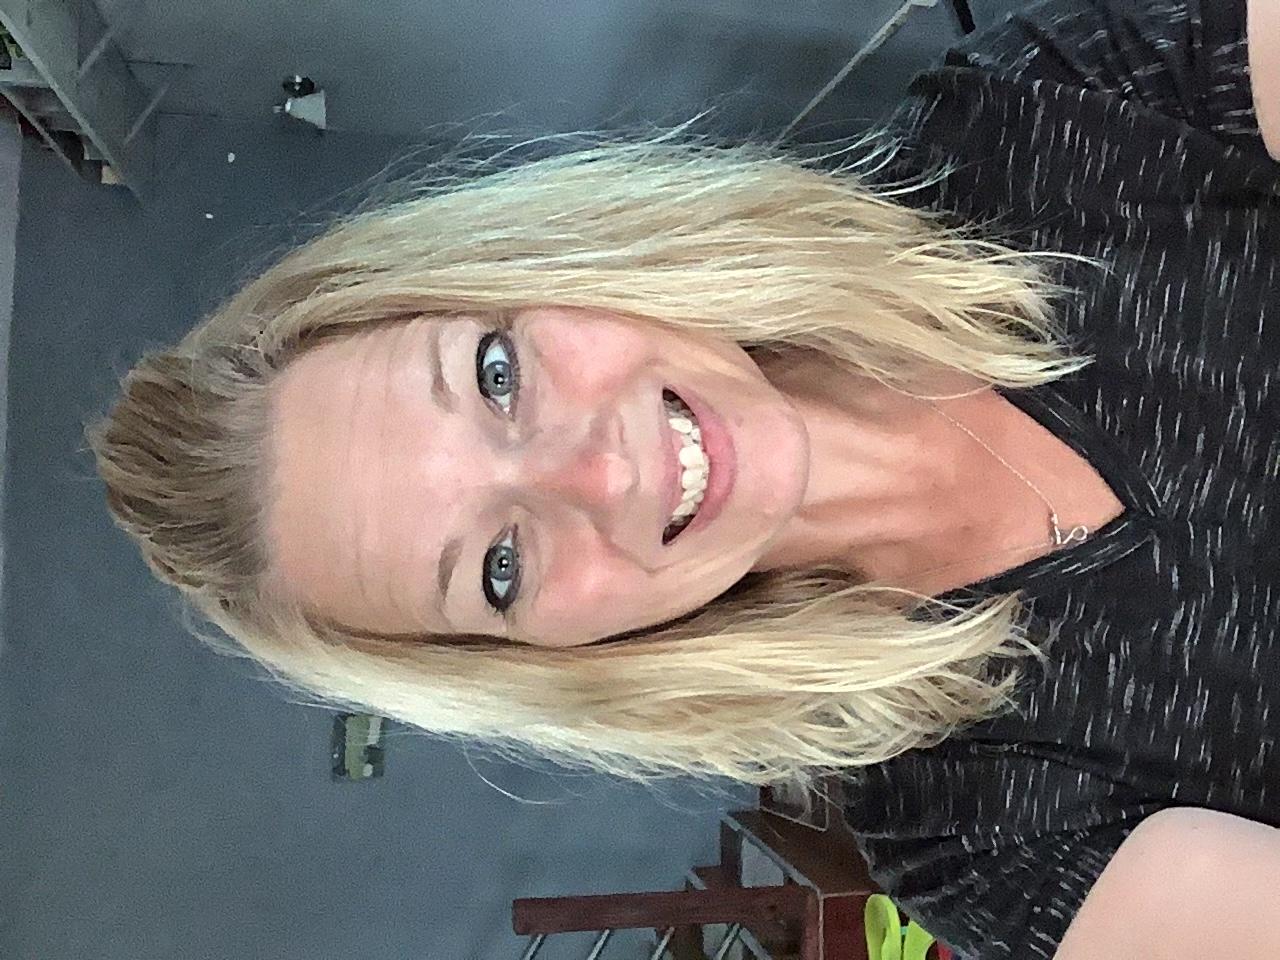 Amanda Steinle